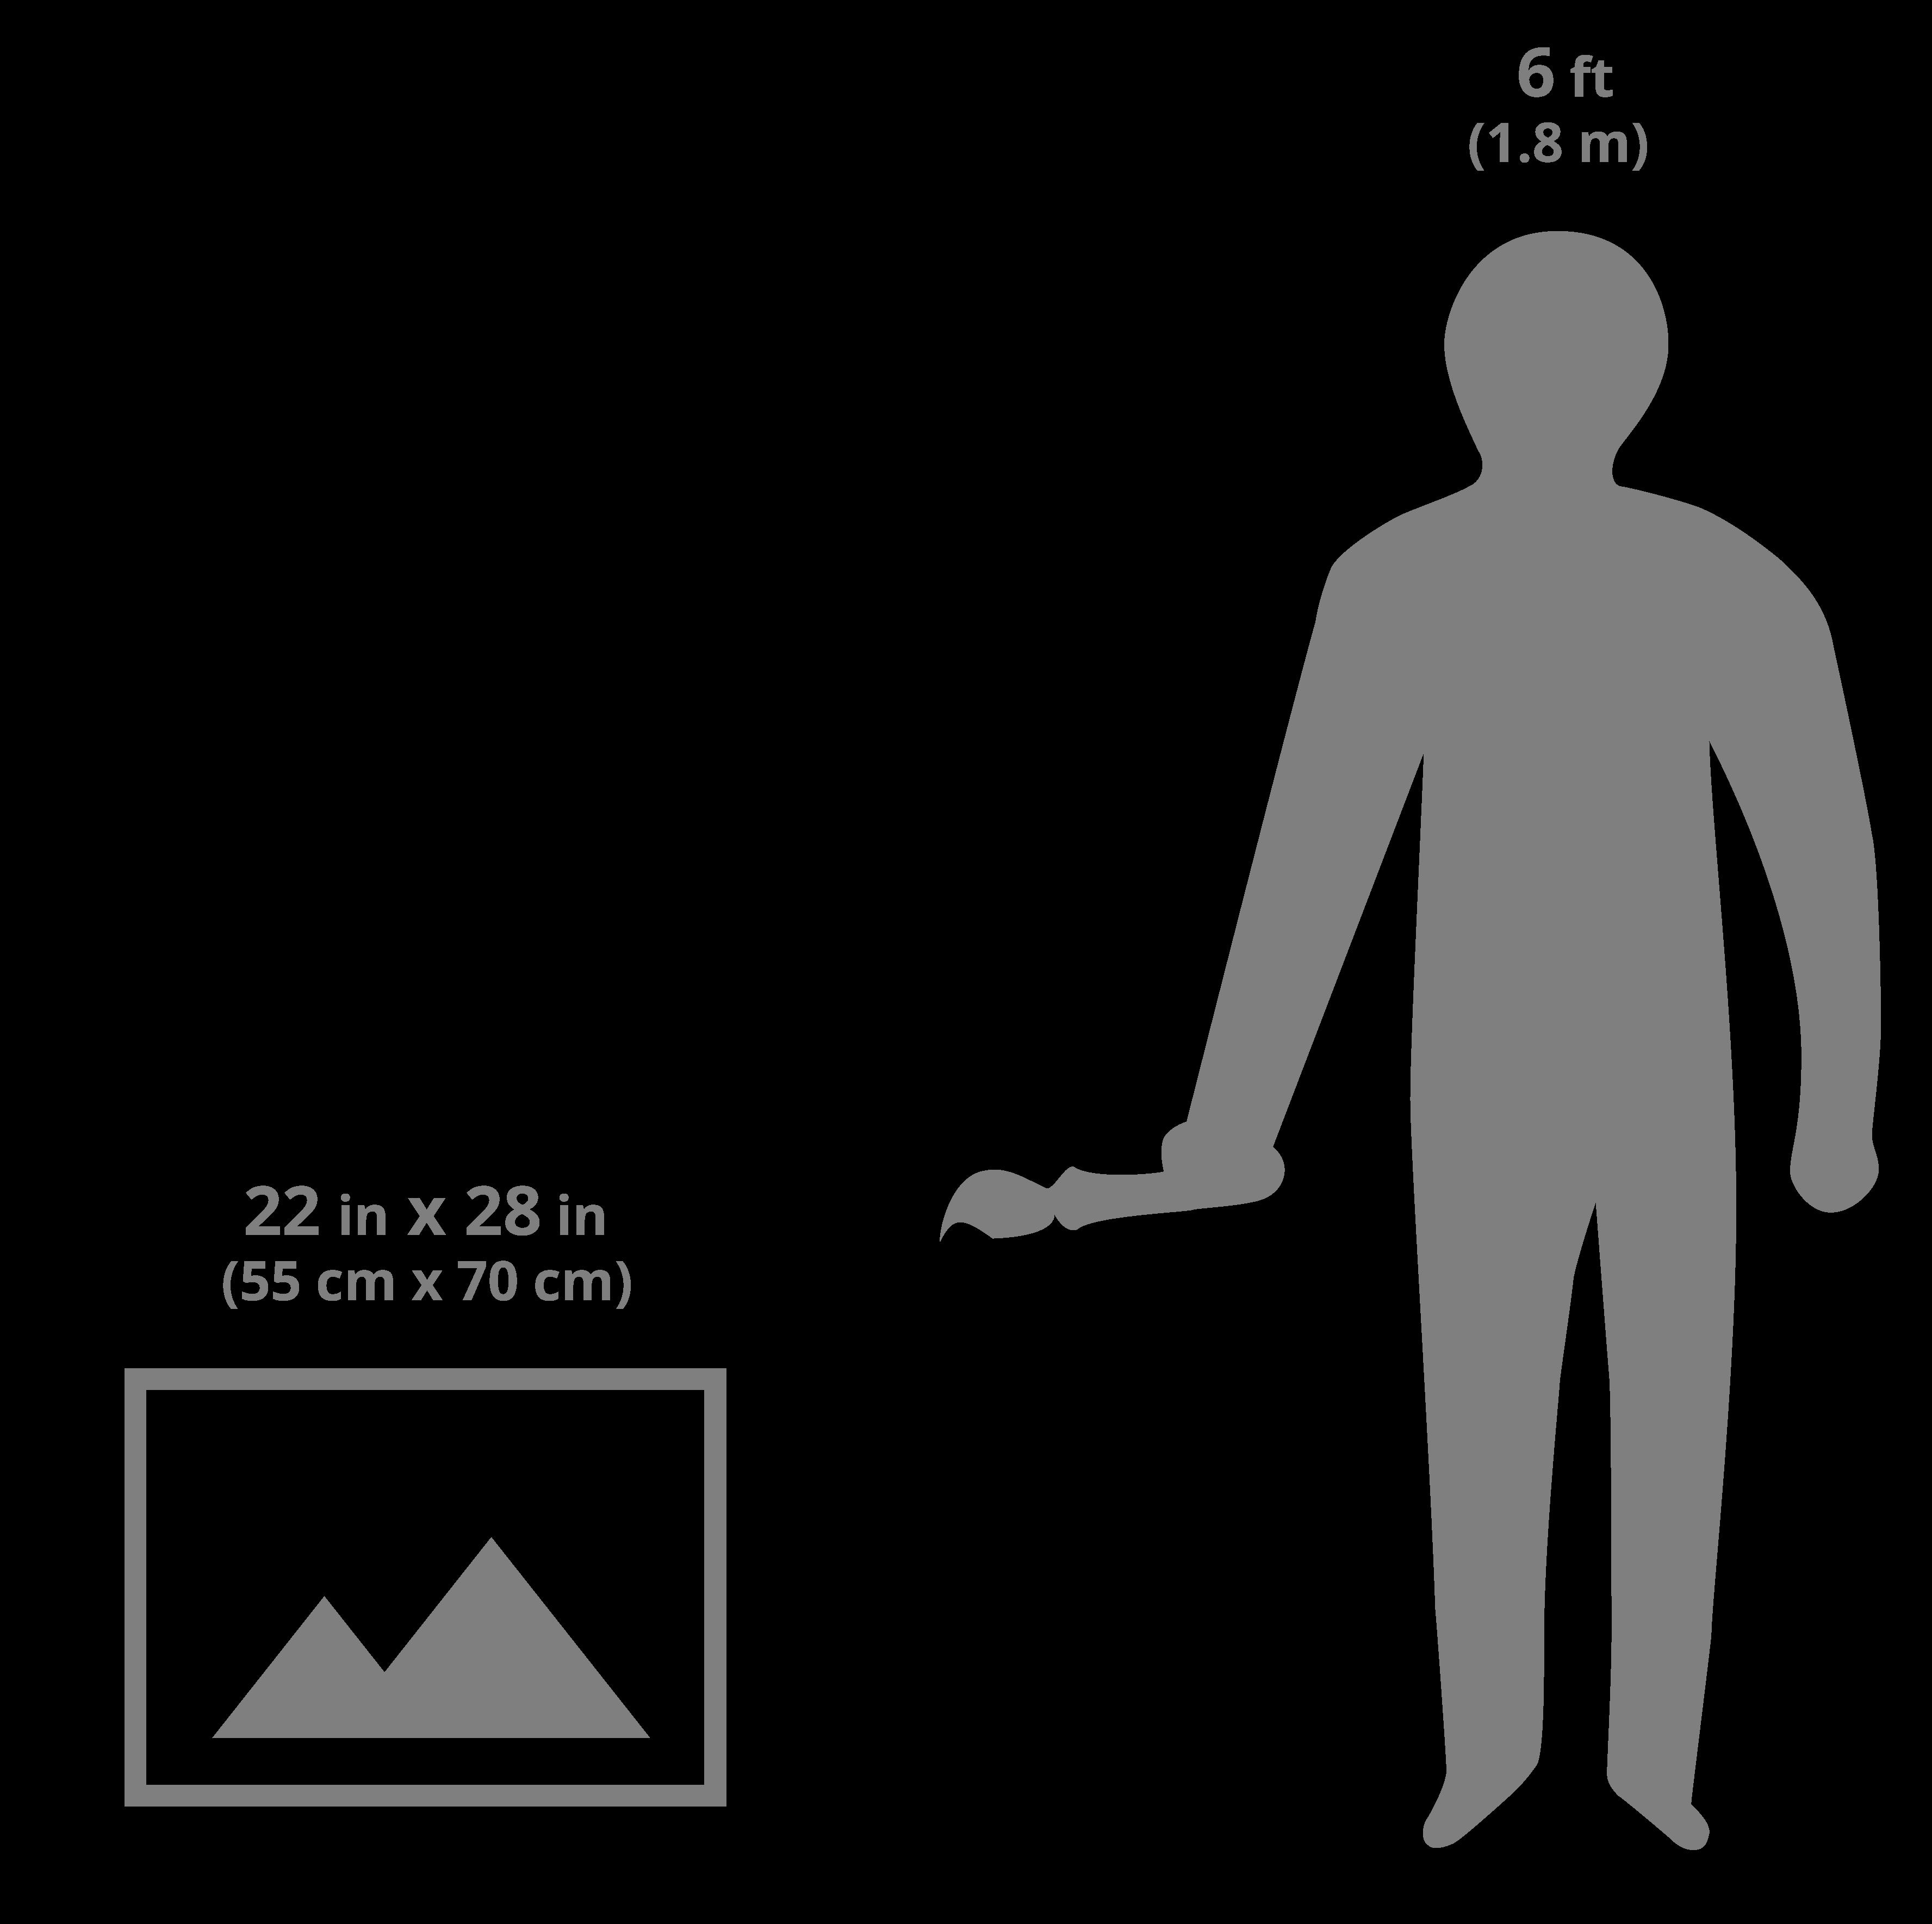 22x28 art sizing scale image